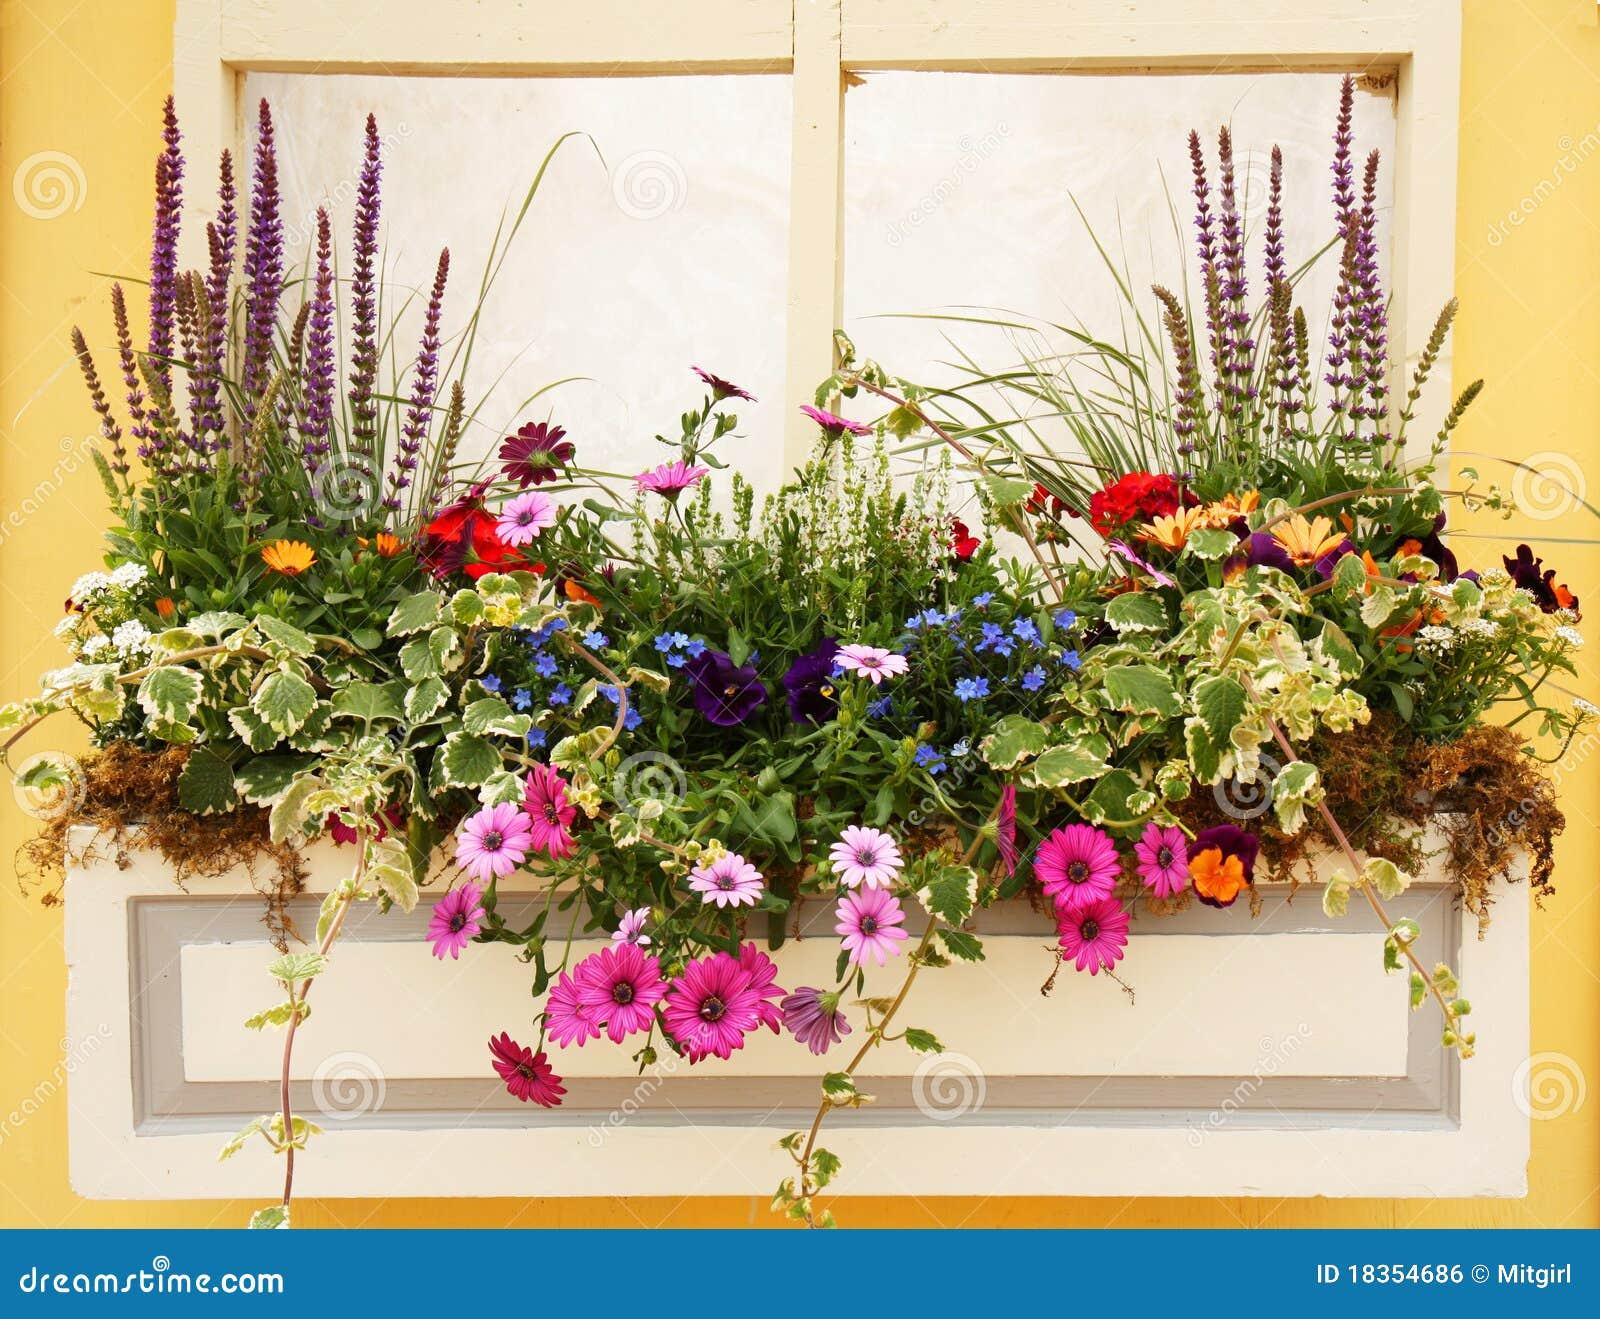 Композиции для балкона / садоводство, дача / ландшафтный диз.